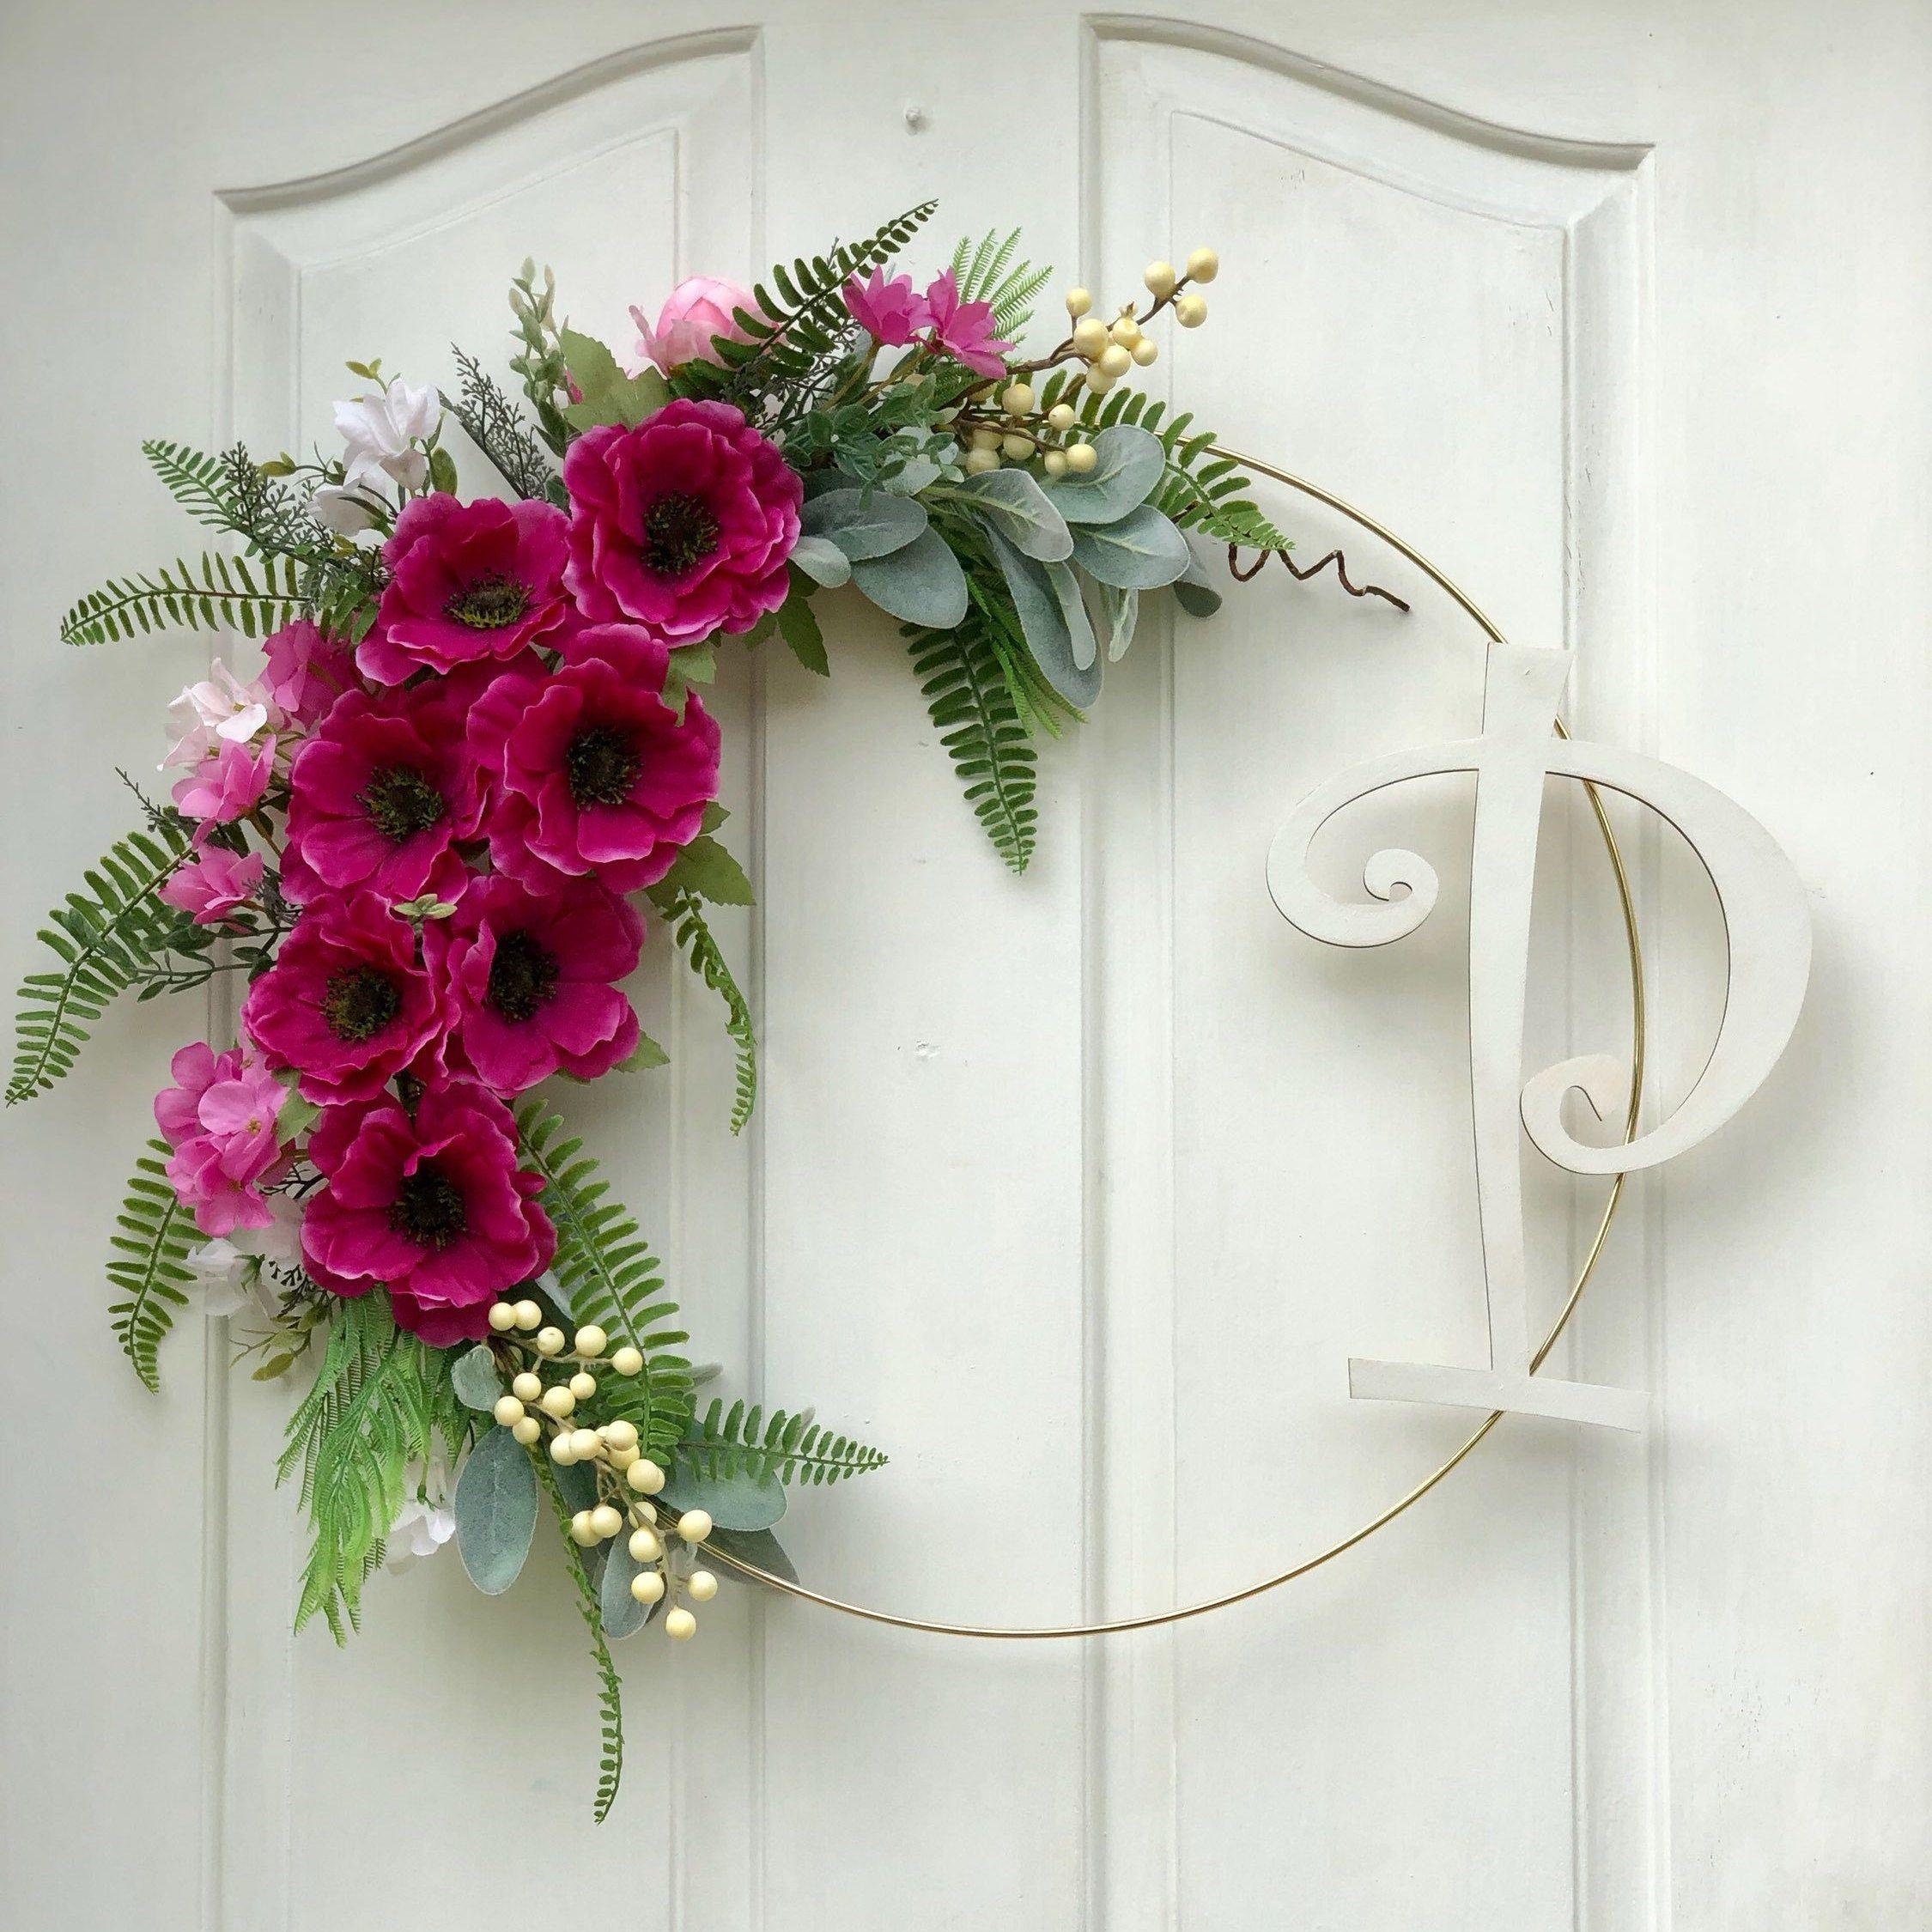 Photo of Modern Wreath for Front Door, Personalized Wreath, Pink Hoop Wreath, Summer Door Decor